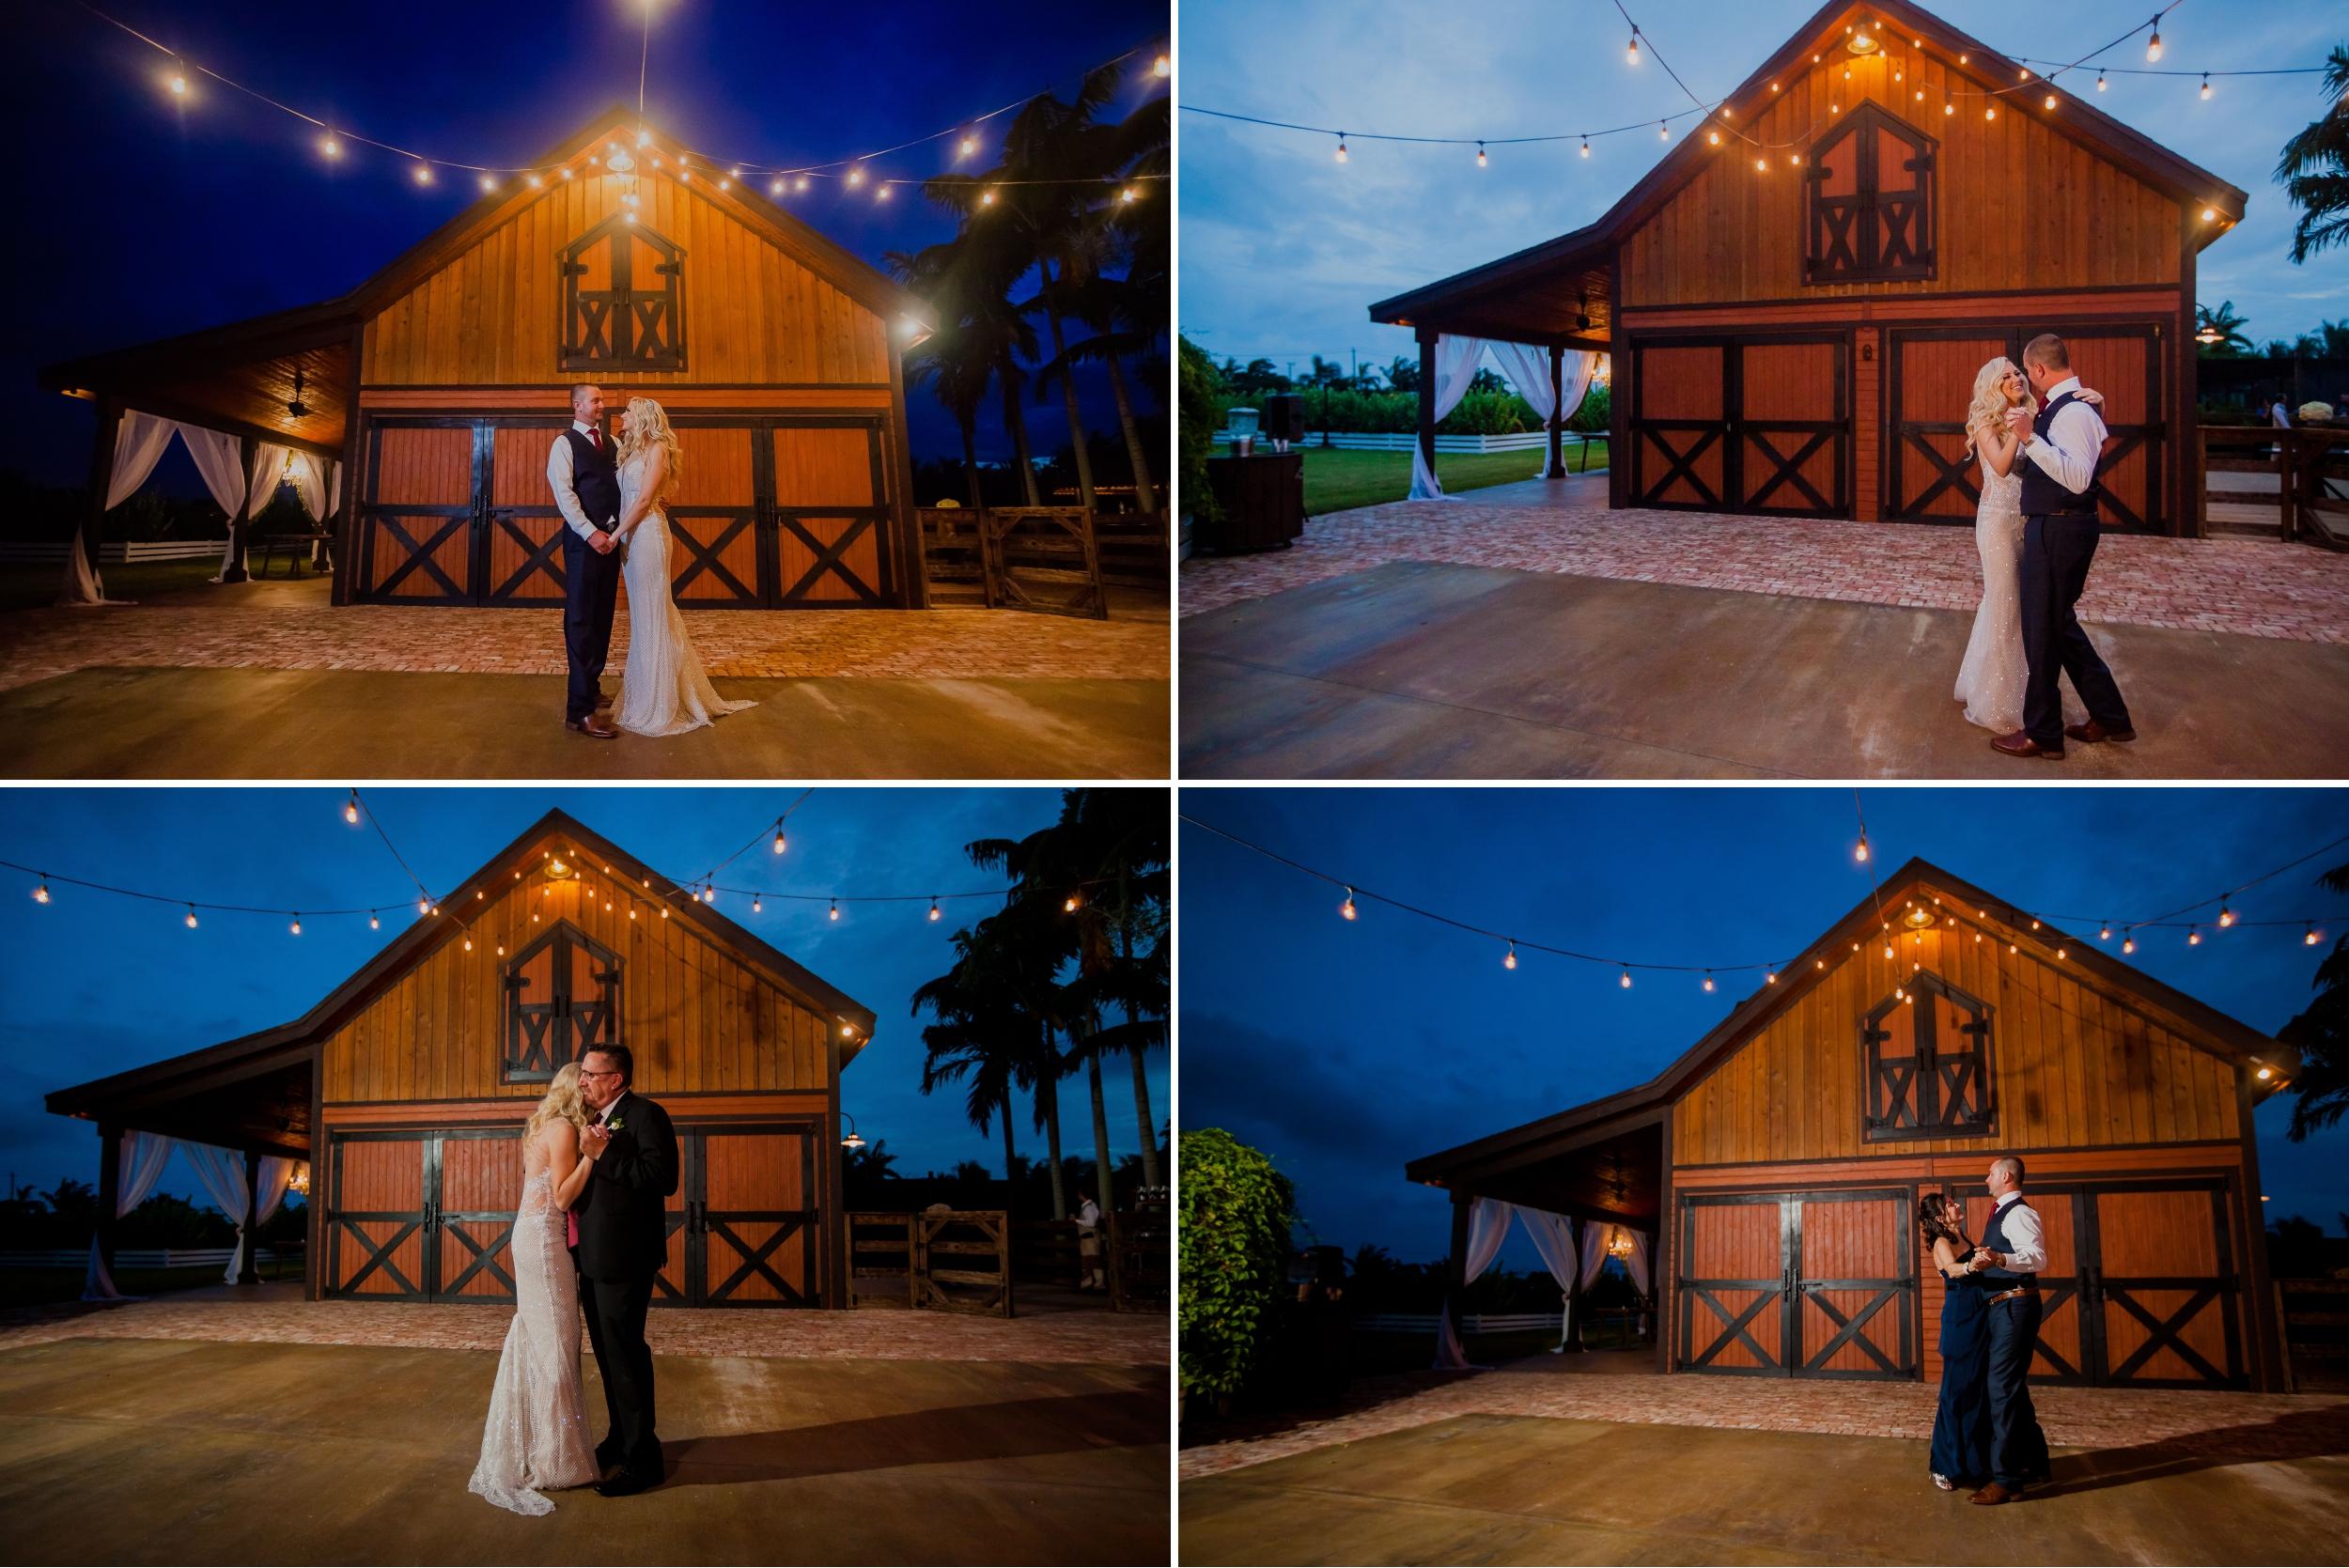 Wedding Redland Farm Life - Santy Martinez Photography 19.jpg